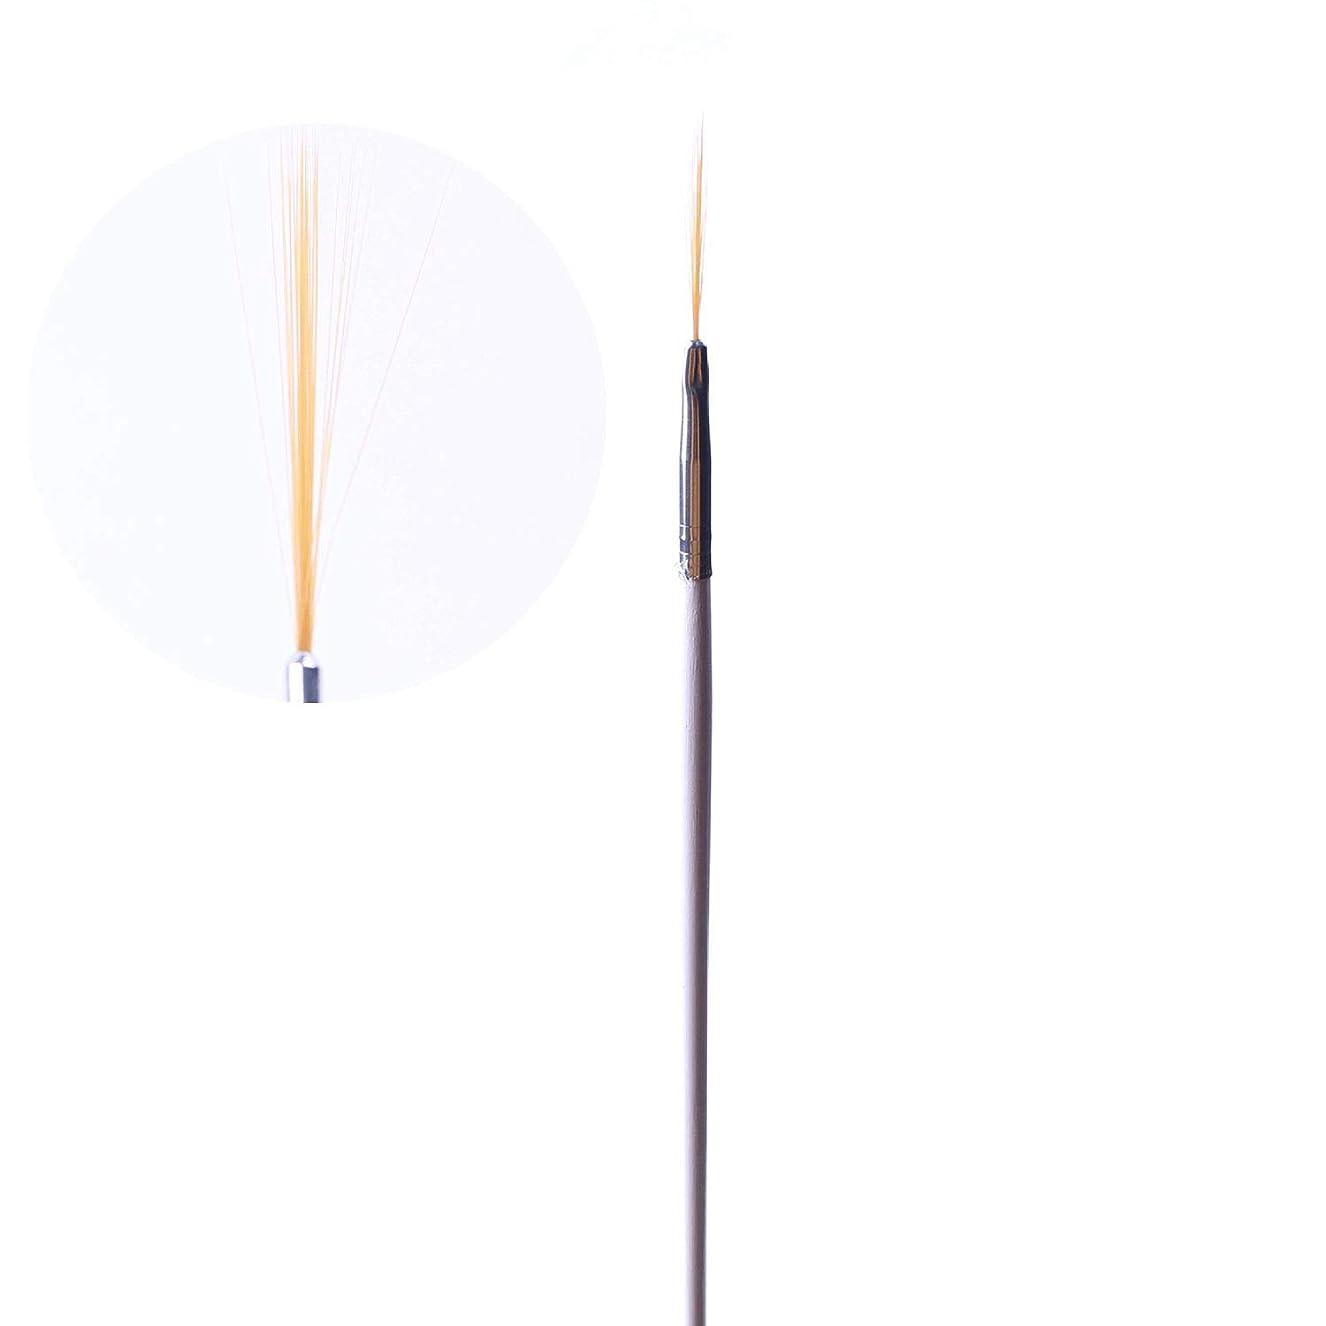 各札入れ逆説Semoic ネイルアート用の15個のネイルブラシと5個のダブルドットツールペンセット